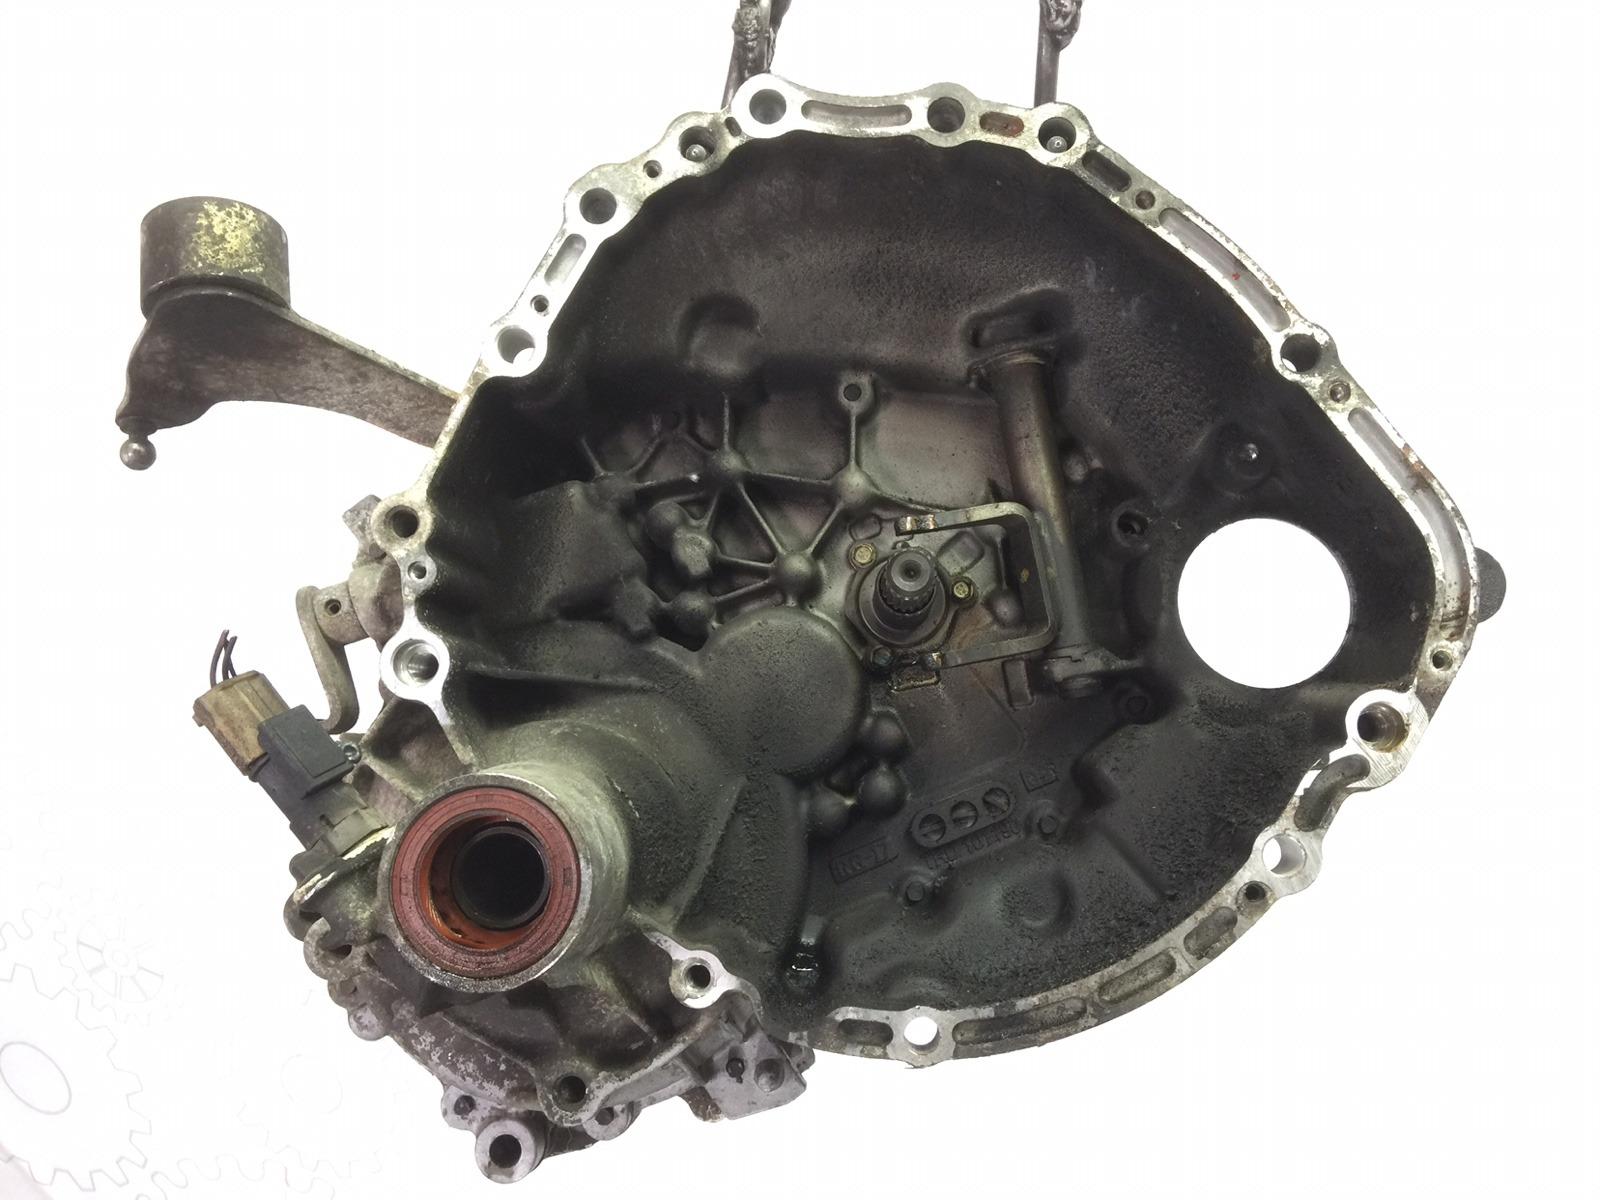 Кпп механическая (мкпп) Rover 25 1.4 I 2002 (б/у)